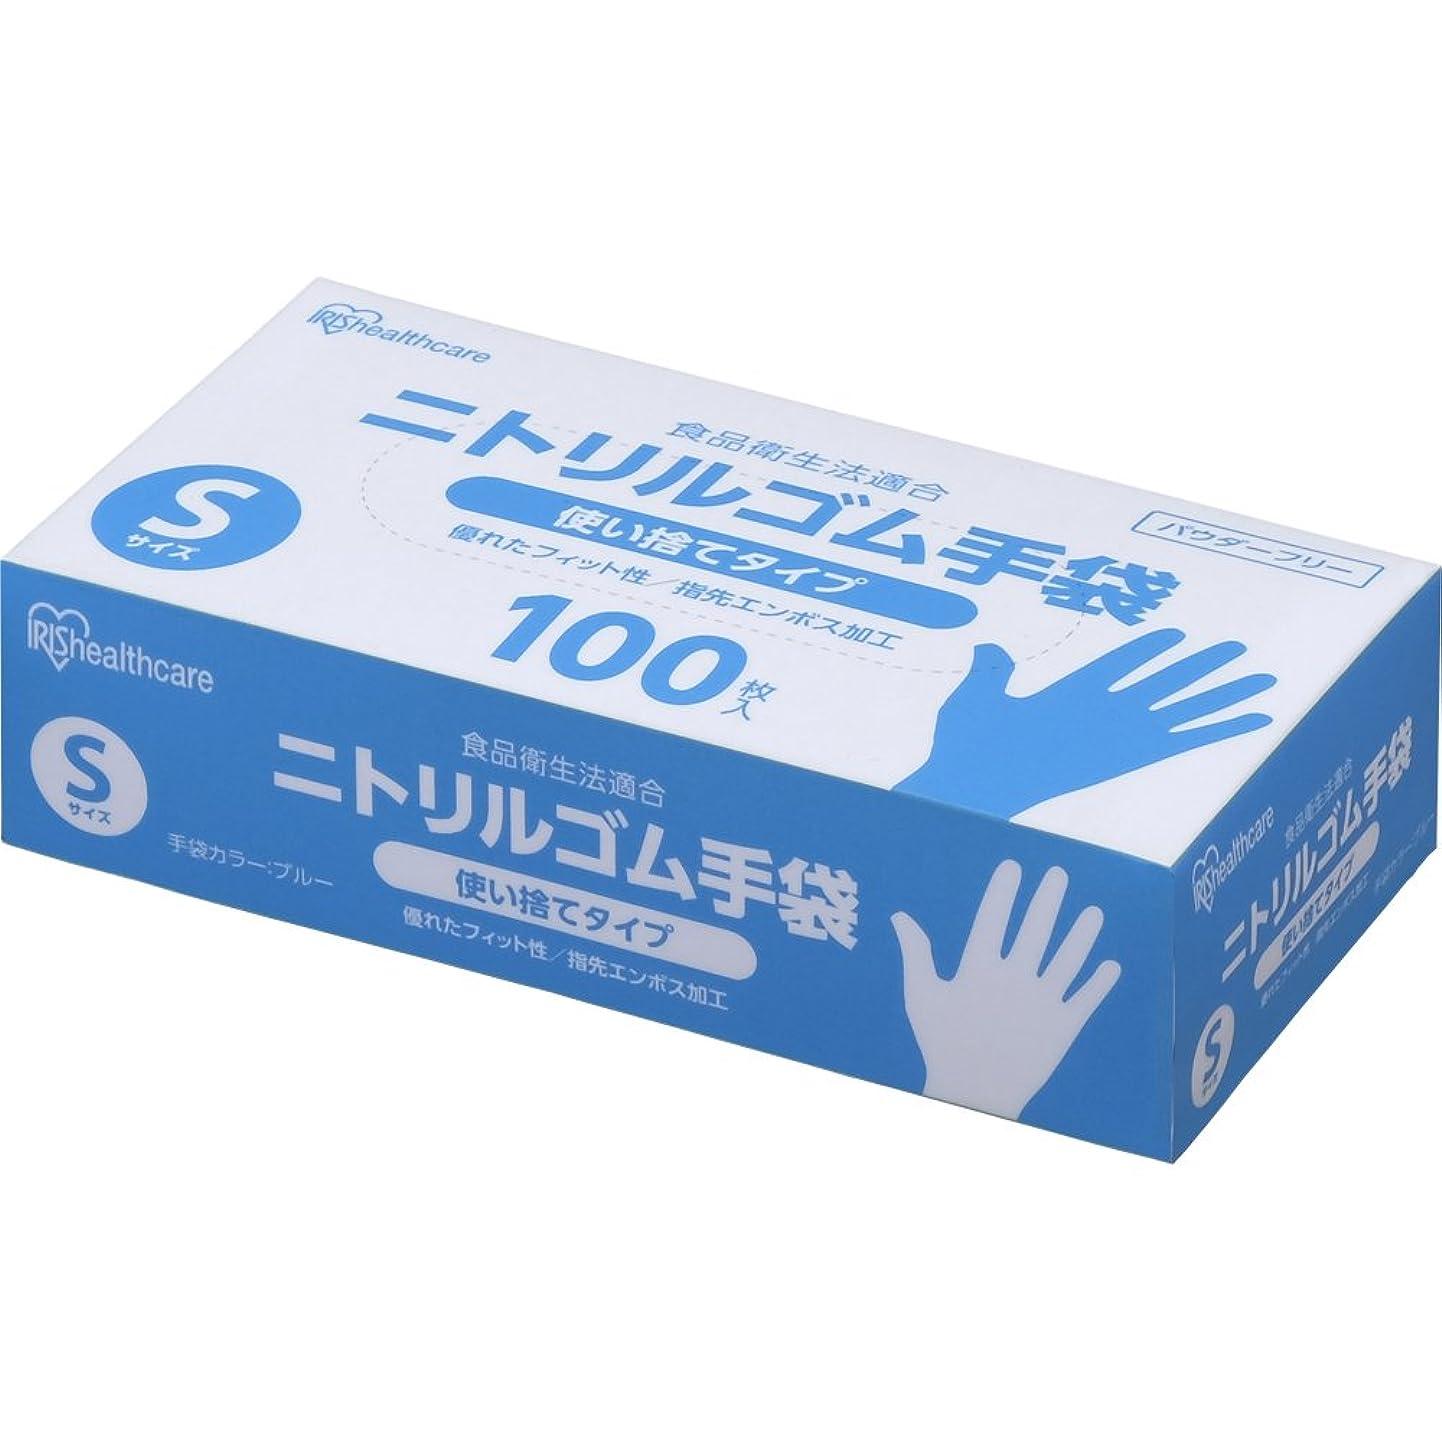 役立つ更新する卒業アイリスオーヤマ 使い捨て手袋 ブルー ニトリルゴム 100枚 Sサイズ 業務用